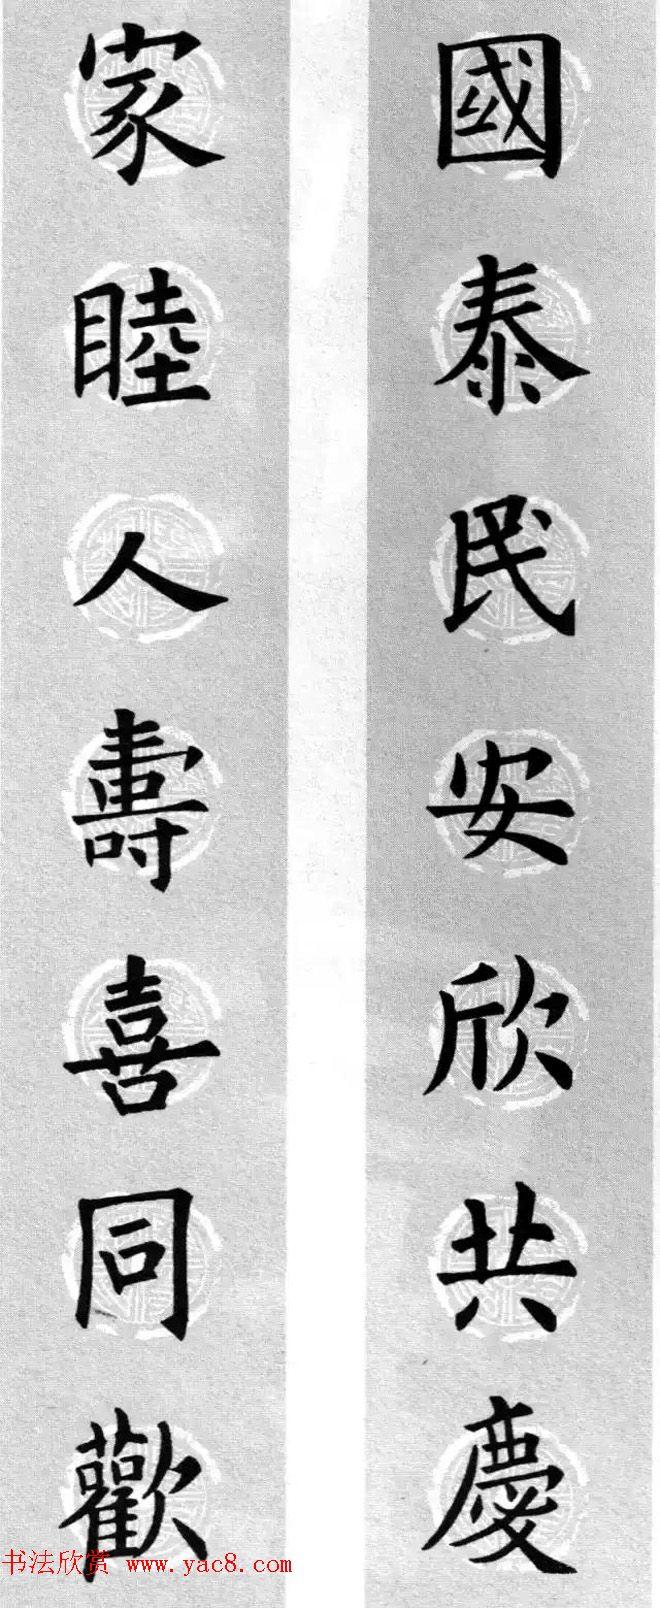 集字书法春联 欧阳询楷书七言对联合辑 第11页 书法专题 书法欣赏图片